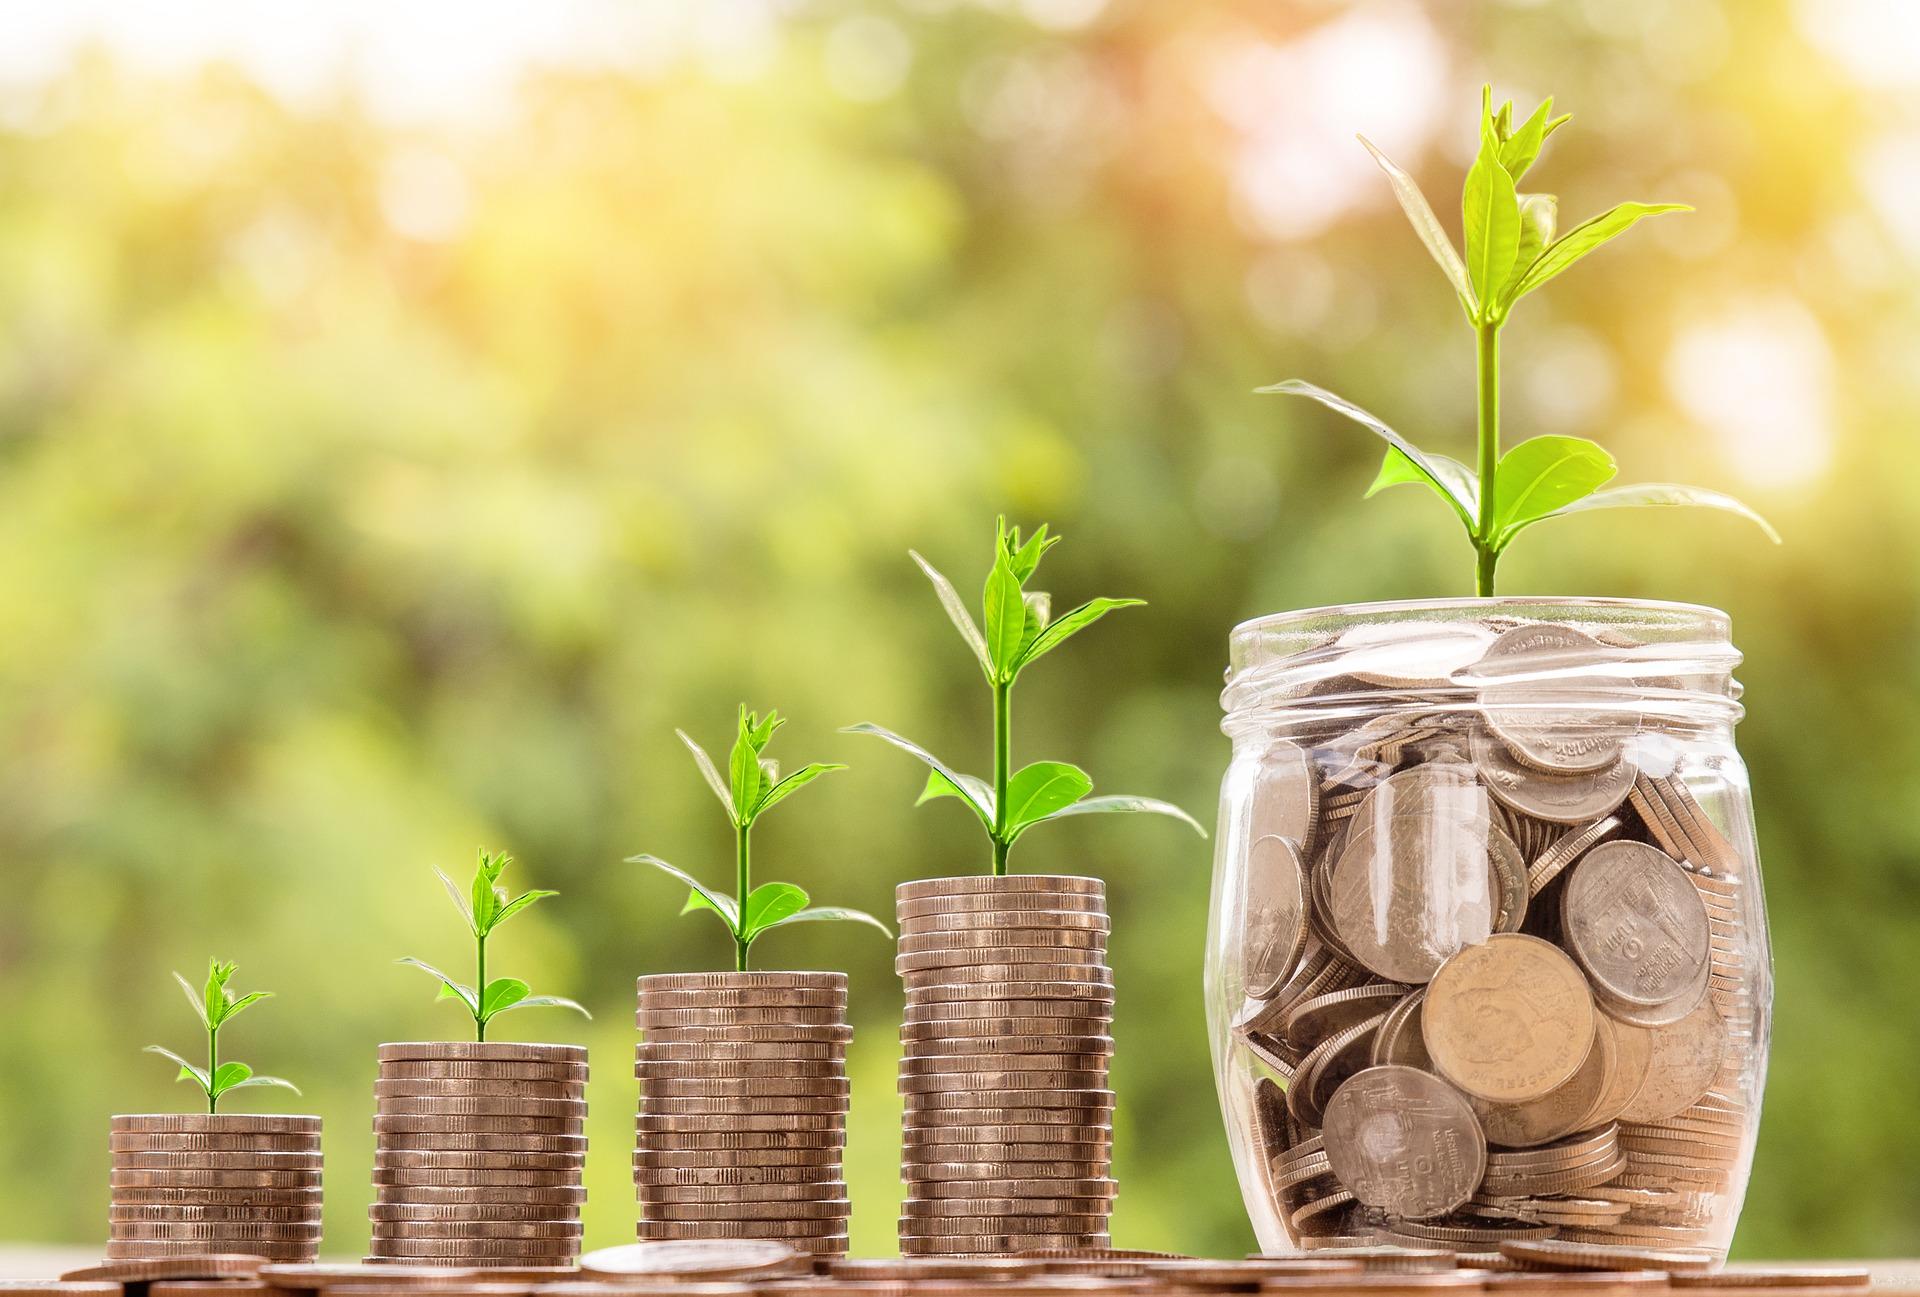 הדרך לנצח את החובות – ייעוץ לכלכלה נבונה